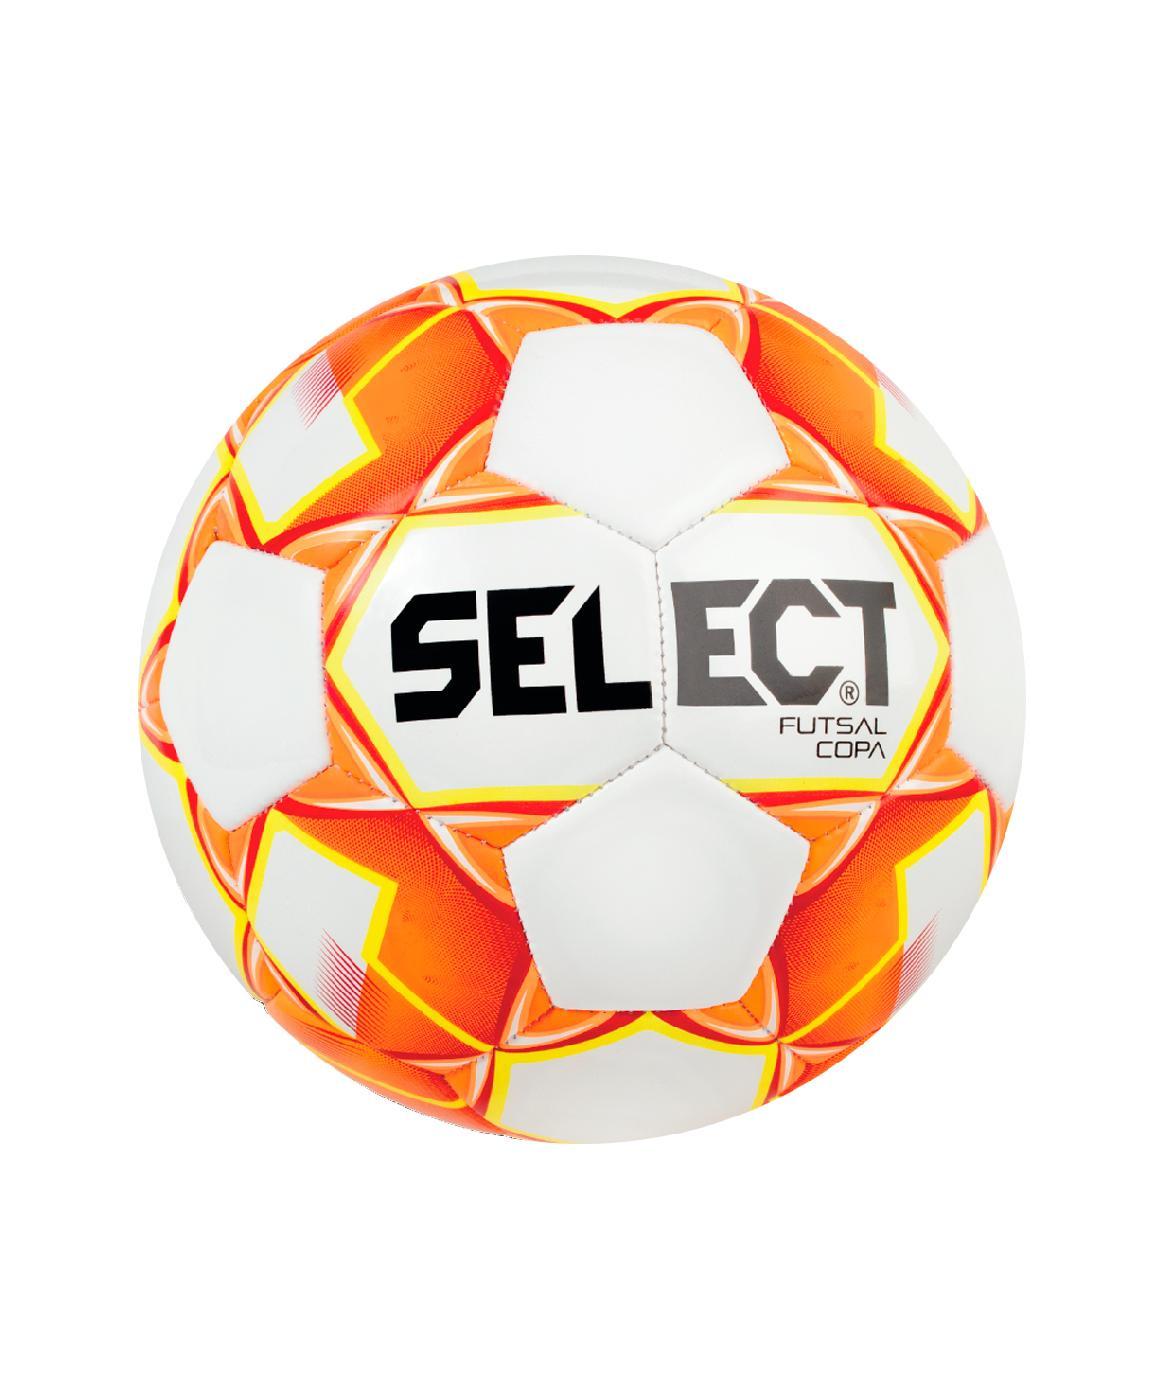 Мяч футбольный Select Futsal Copa 850318 №4